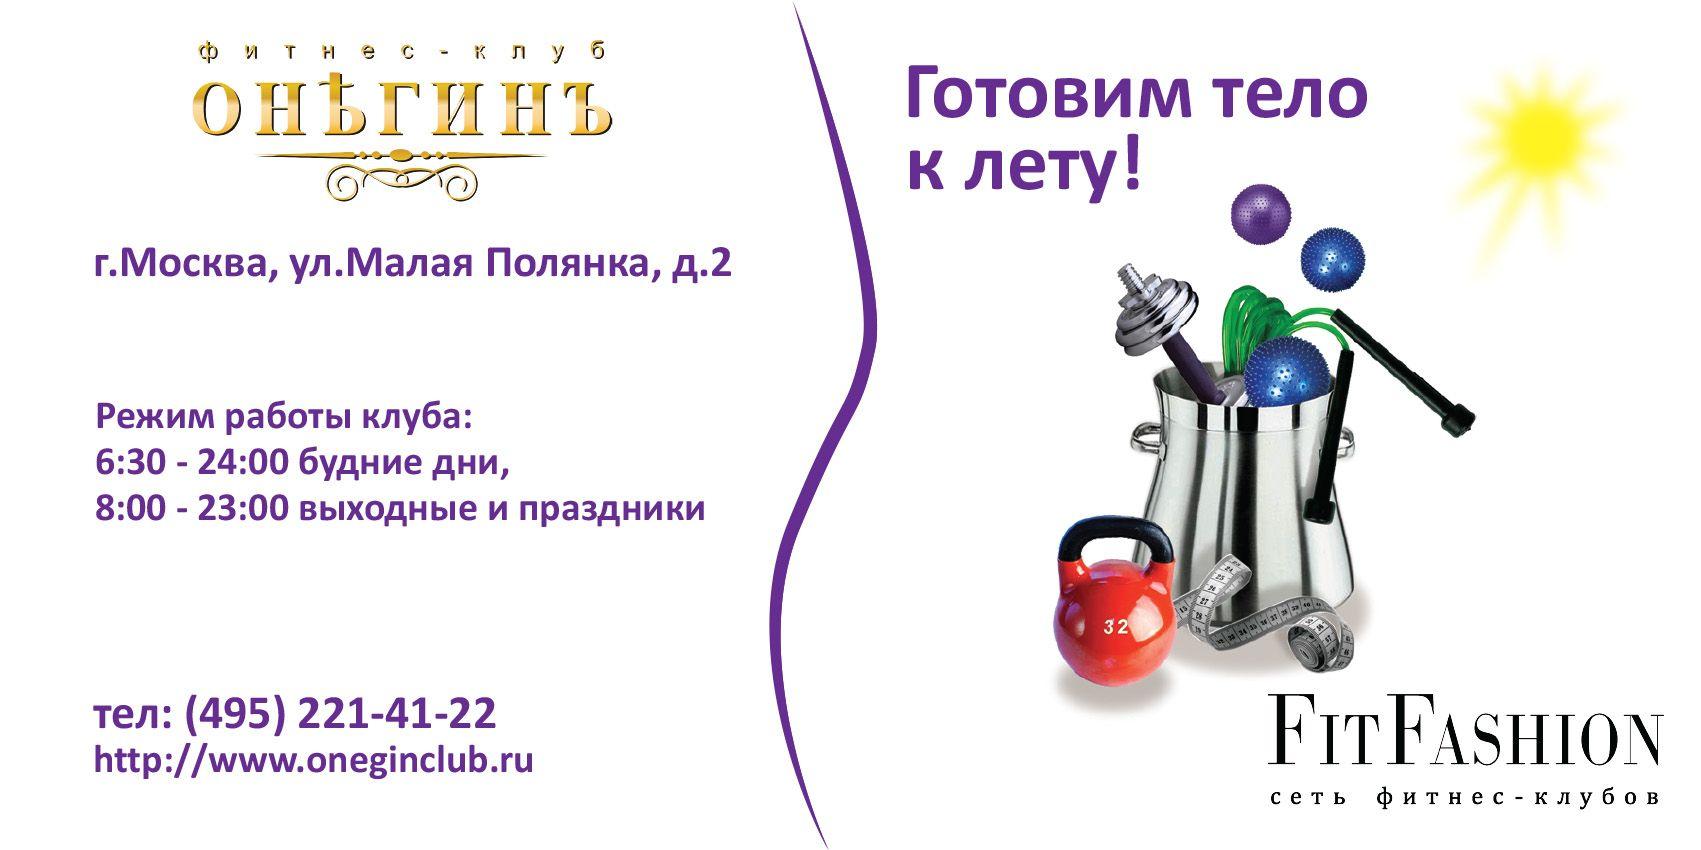 Дизайн наружной рекламы фитнес-клуба - дизайнер SvetlanaBykowa